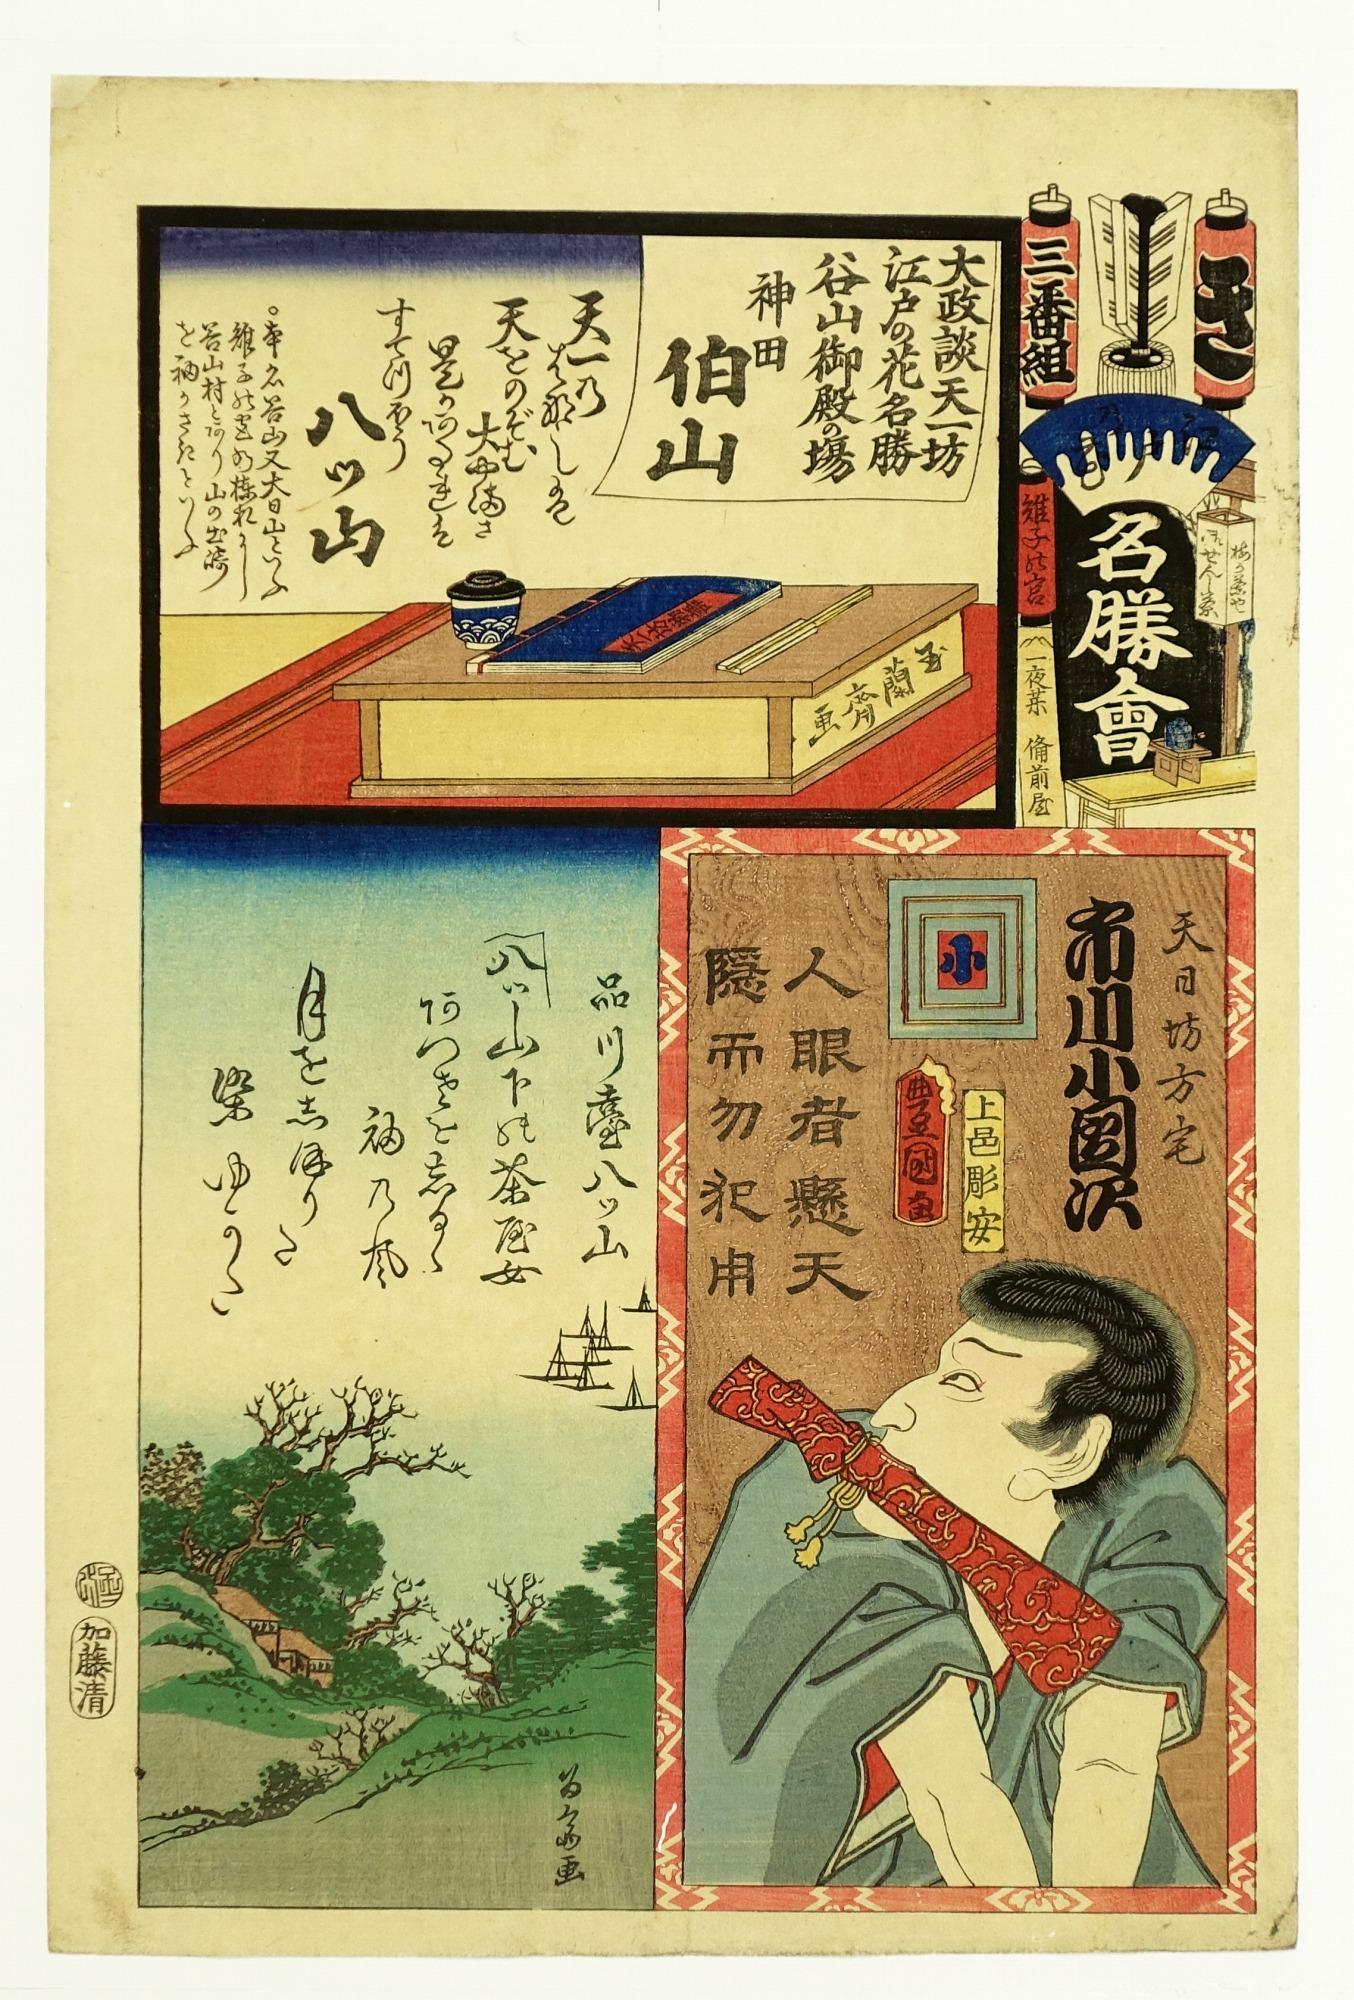 歌川貞秀・歌川国貞ほか《江戸の花名勝会 き 三番組》(個人蔵)